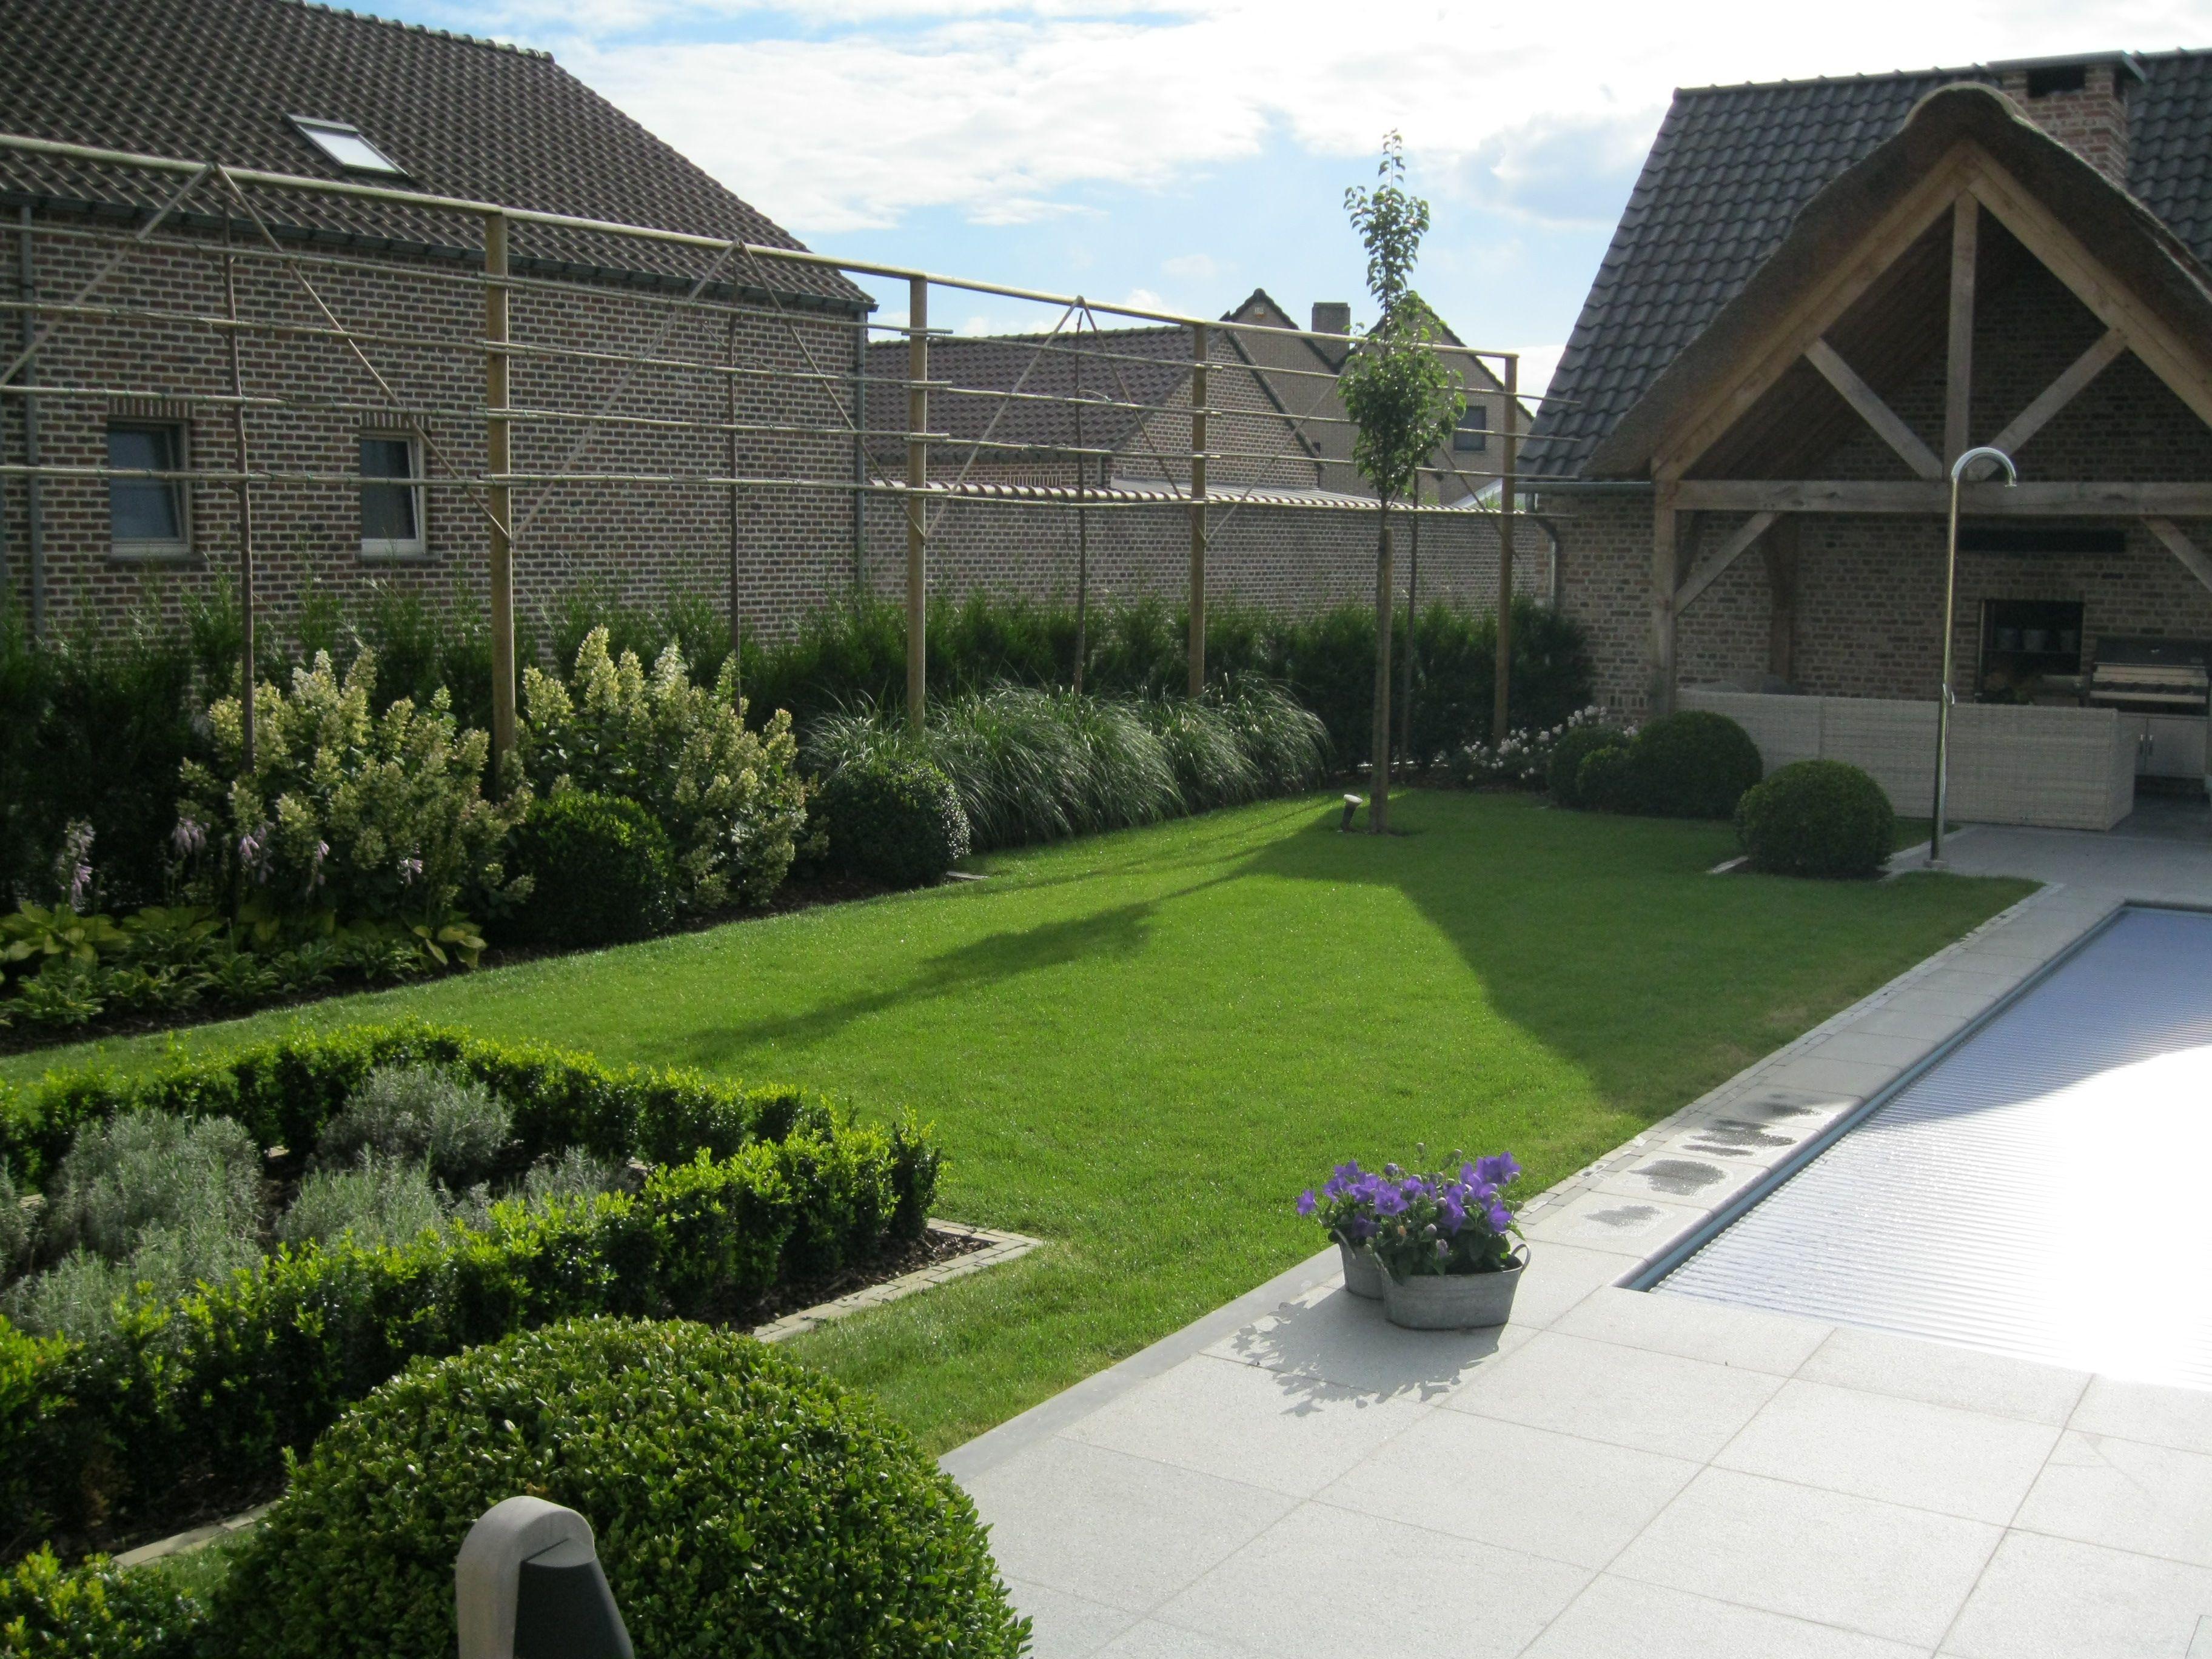 Landelijke tuin mooie border met oa pluimhortensia 39 s buxusbollen en ander groen ook de - Moderne landschapsarchitectuur ...